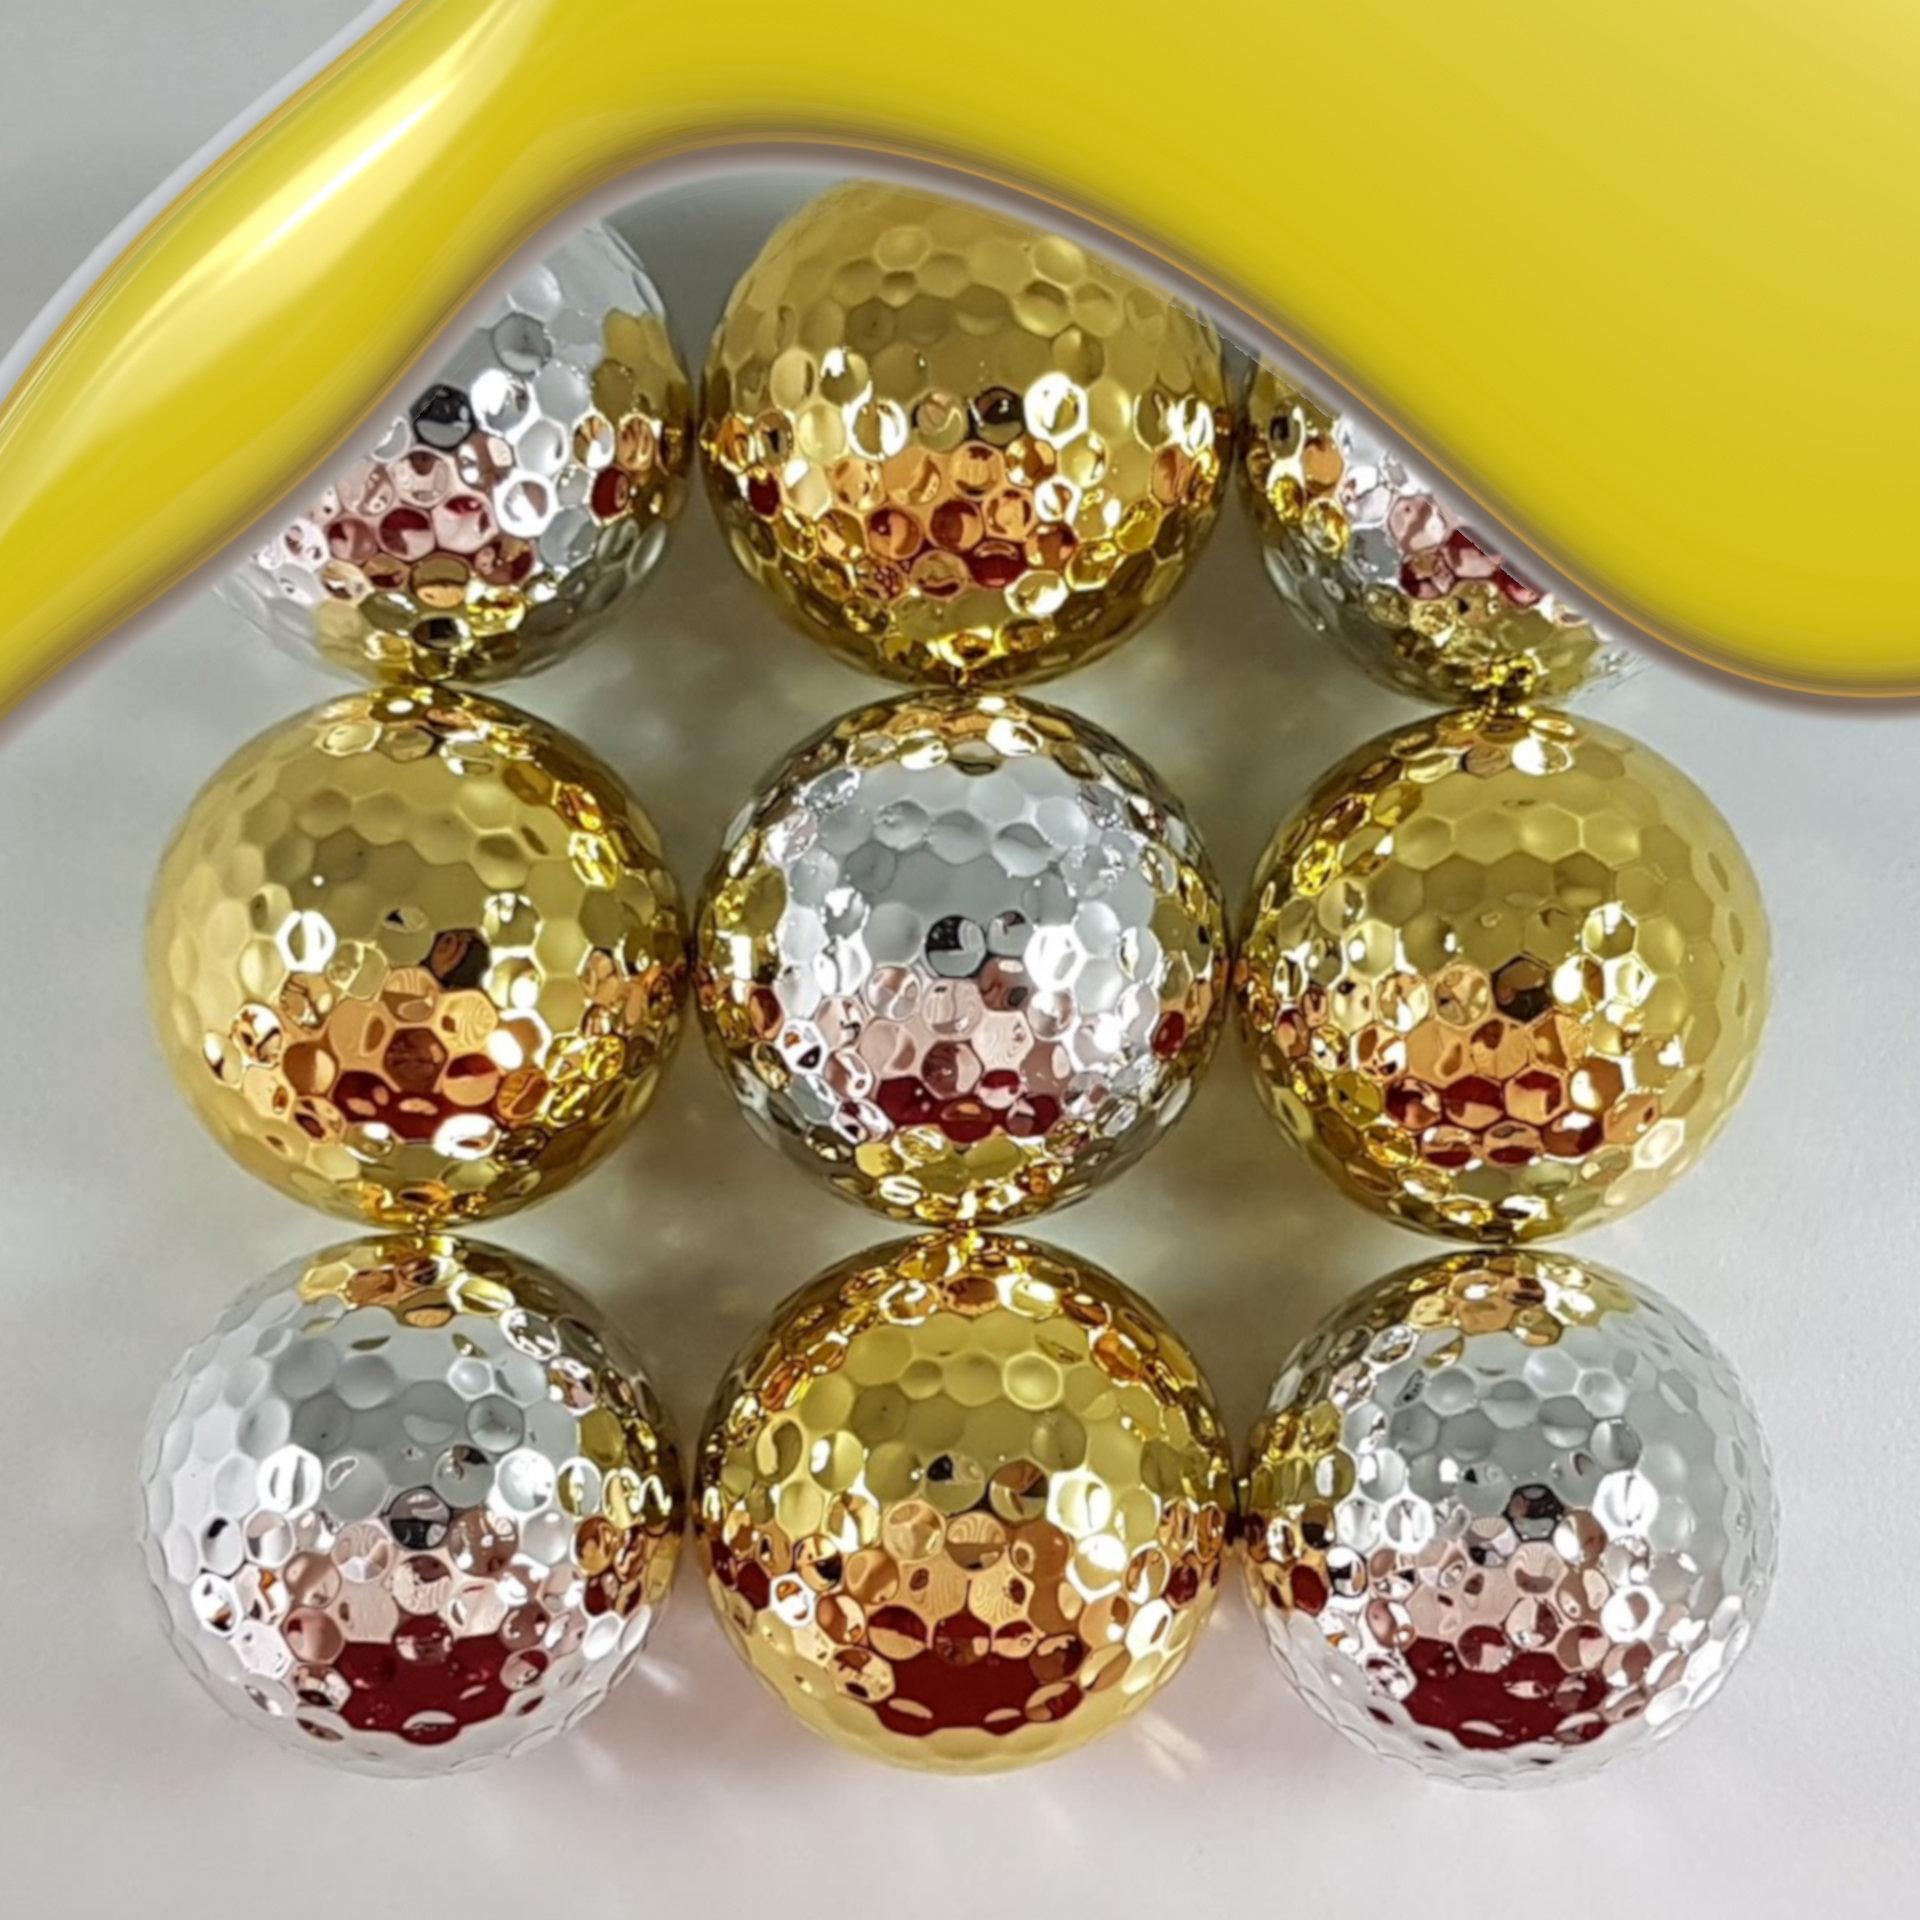 Golfbälle mit Gold/Silber bedampft